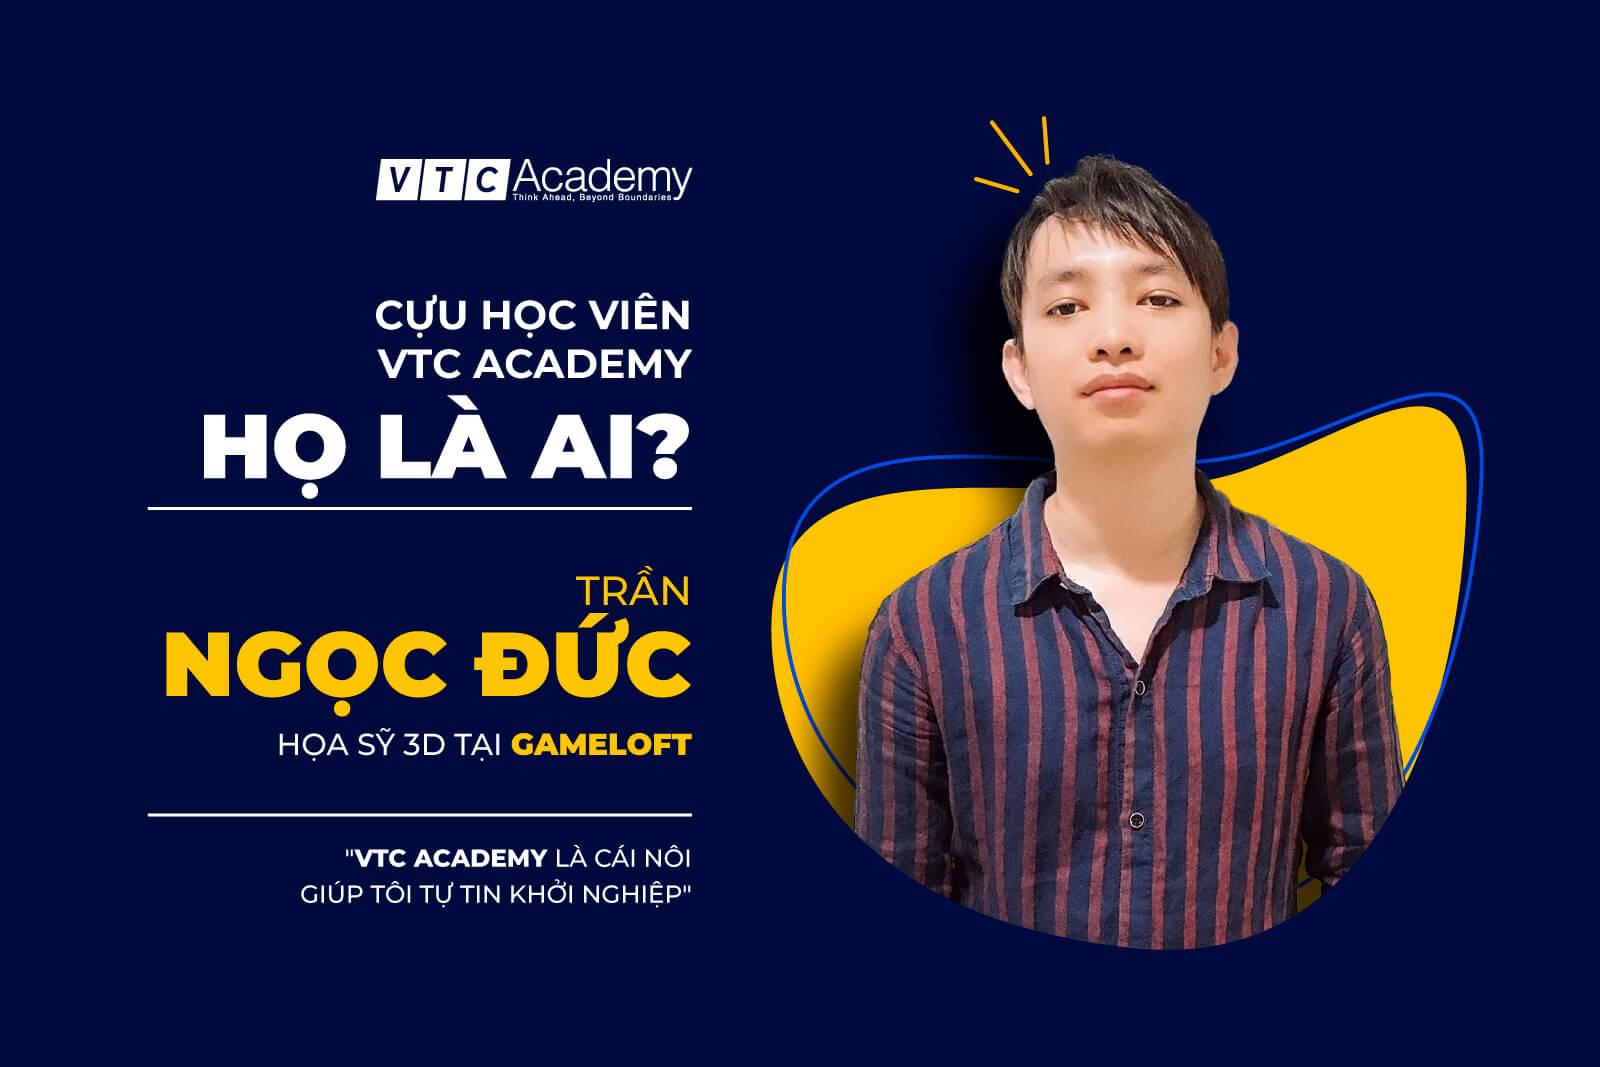 """""""VTC Academy là cái nôi vững chắc giúp tôi tự tin khởi nghiệp"""""""